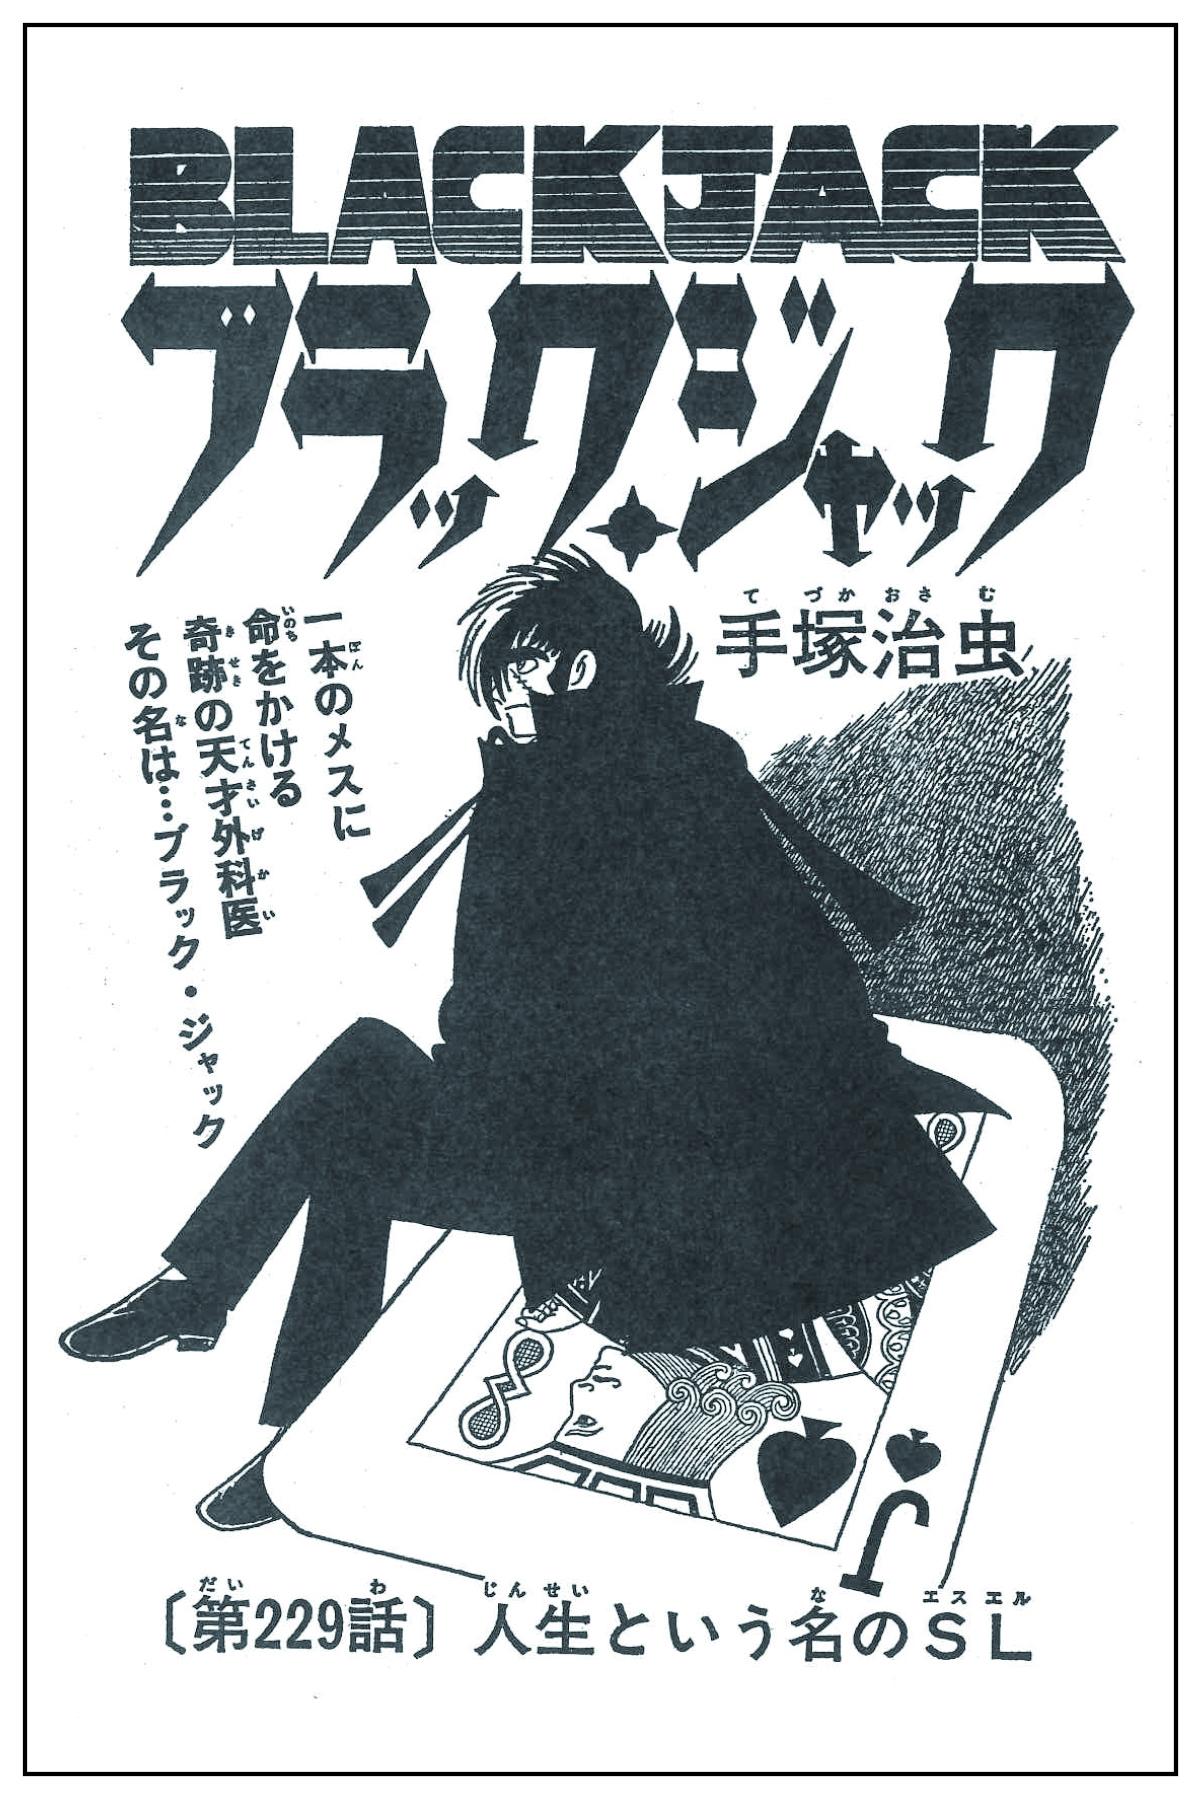 週刊少年チャンピオン創刊50周年記念 「伝説の最終回 昭和版」「伝説の最終回 平成版」2冊セット